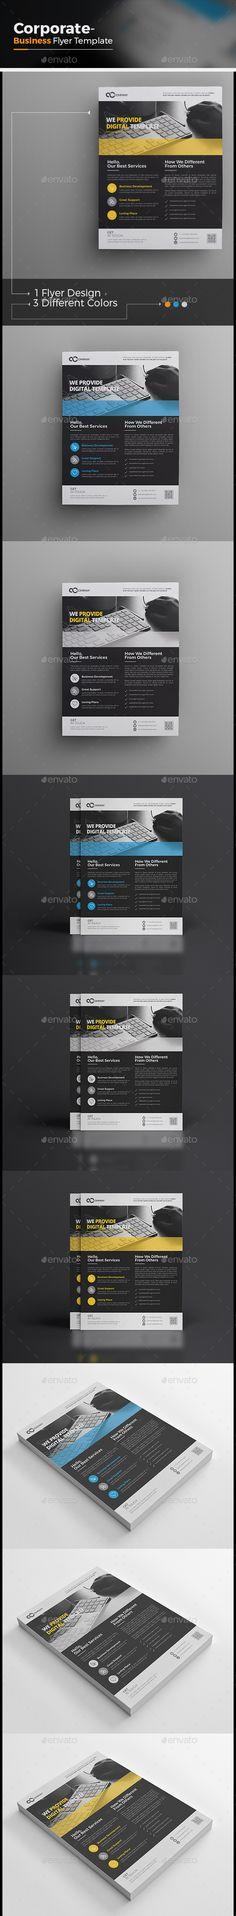 Flyer Template PSD Flyer Templates Pinterest Flyer template